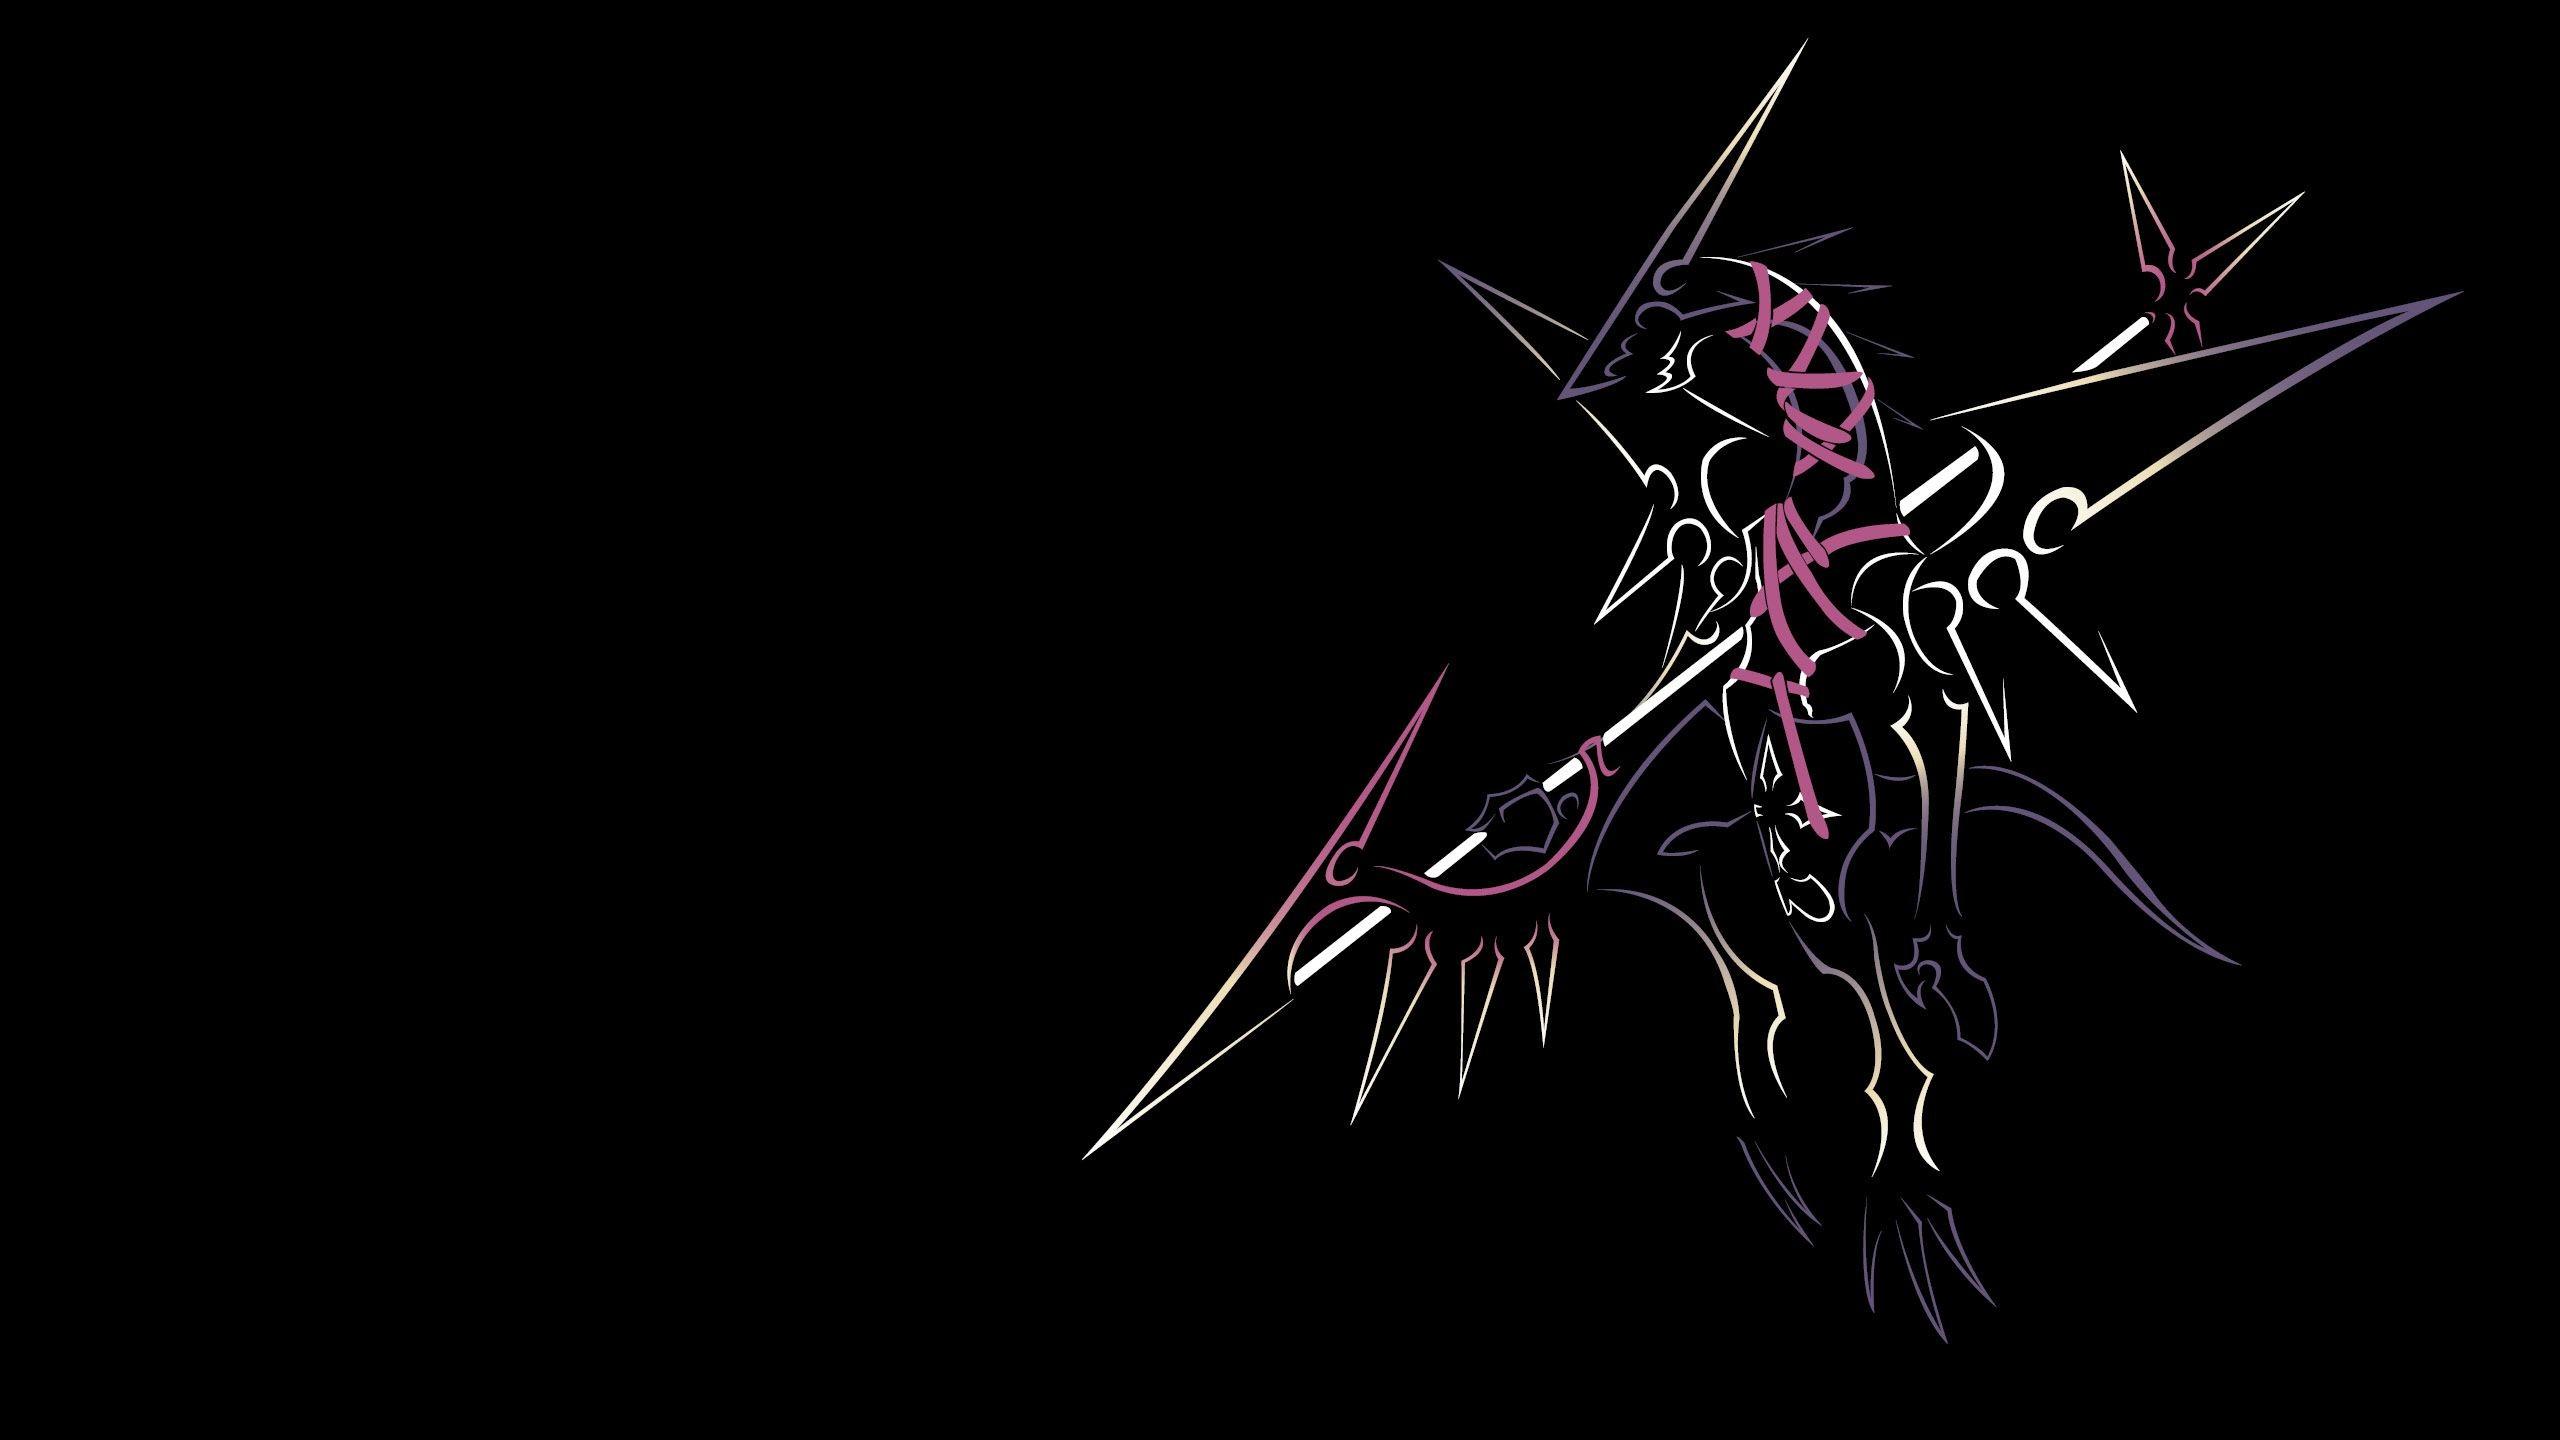 Kingdom Hearts Sora Wallpaper (58+ images)